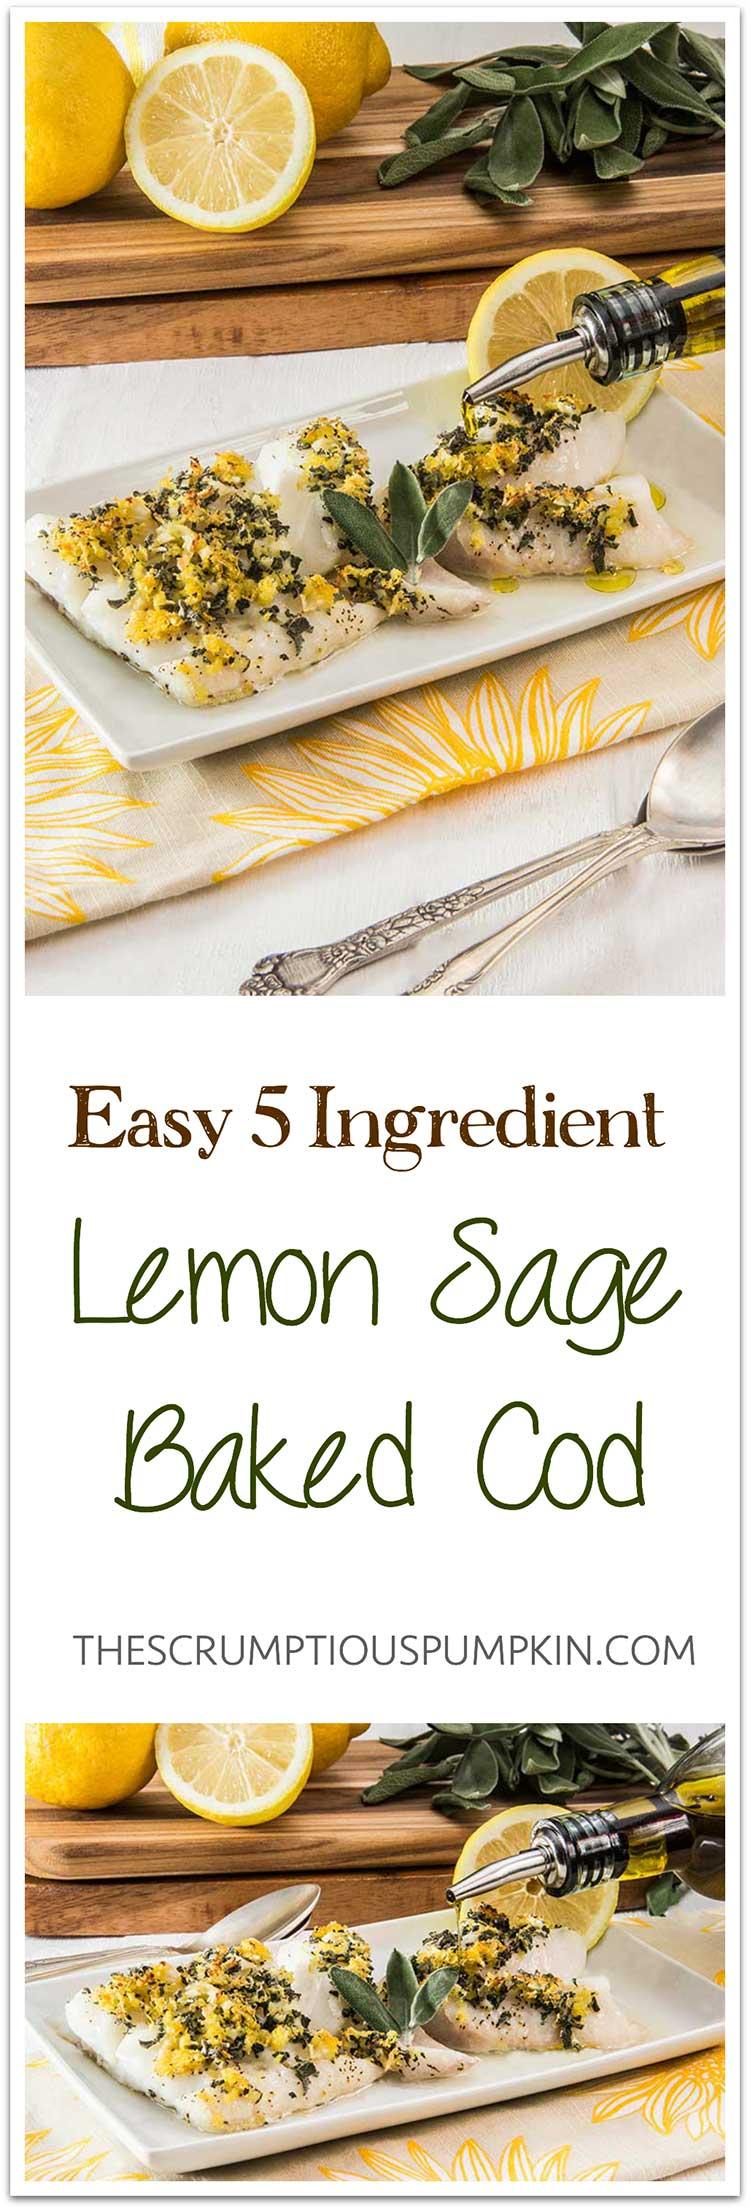 Easy-5-Ingredient-Lemon-Sage-Baked-Cod